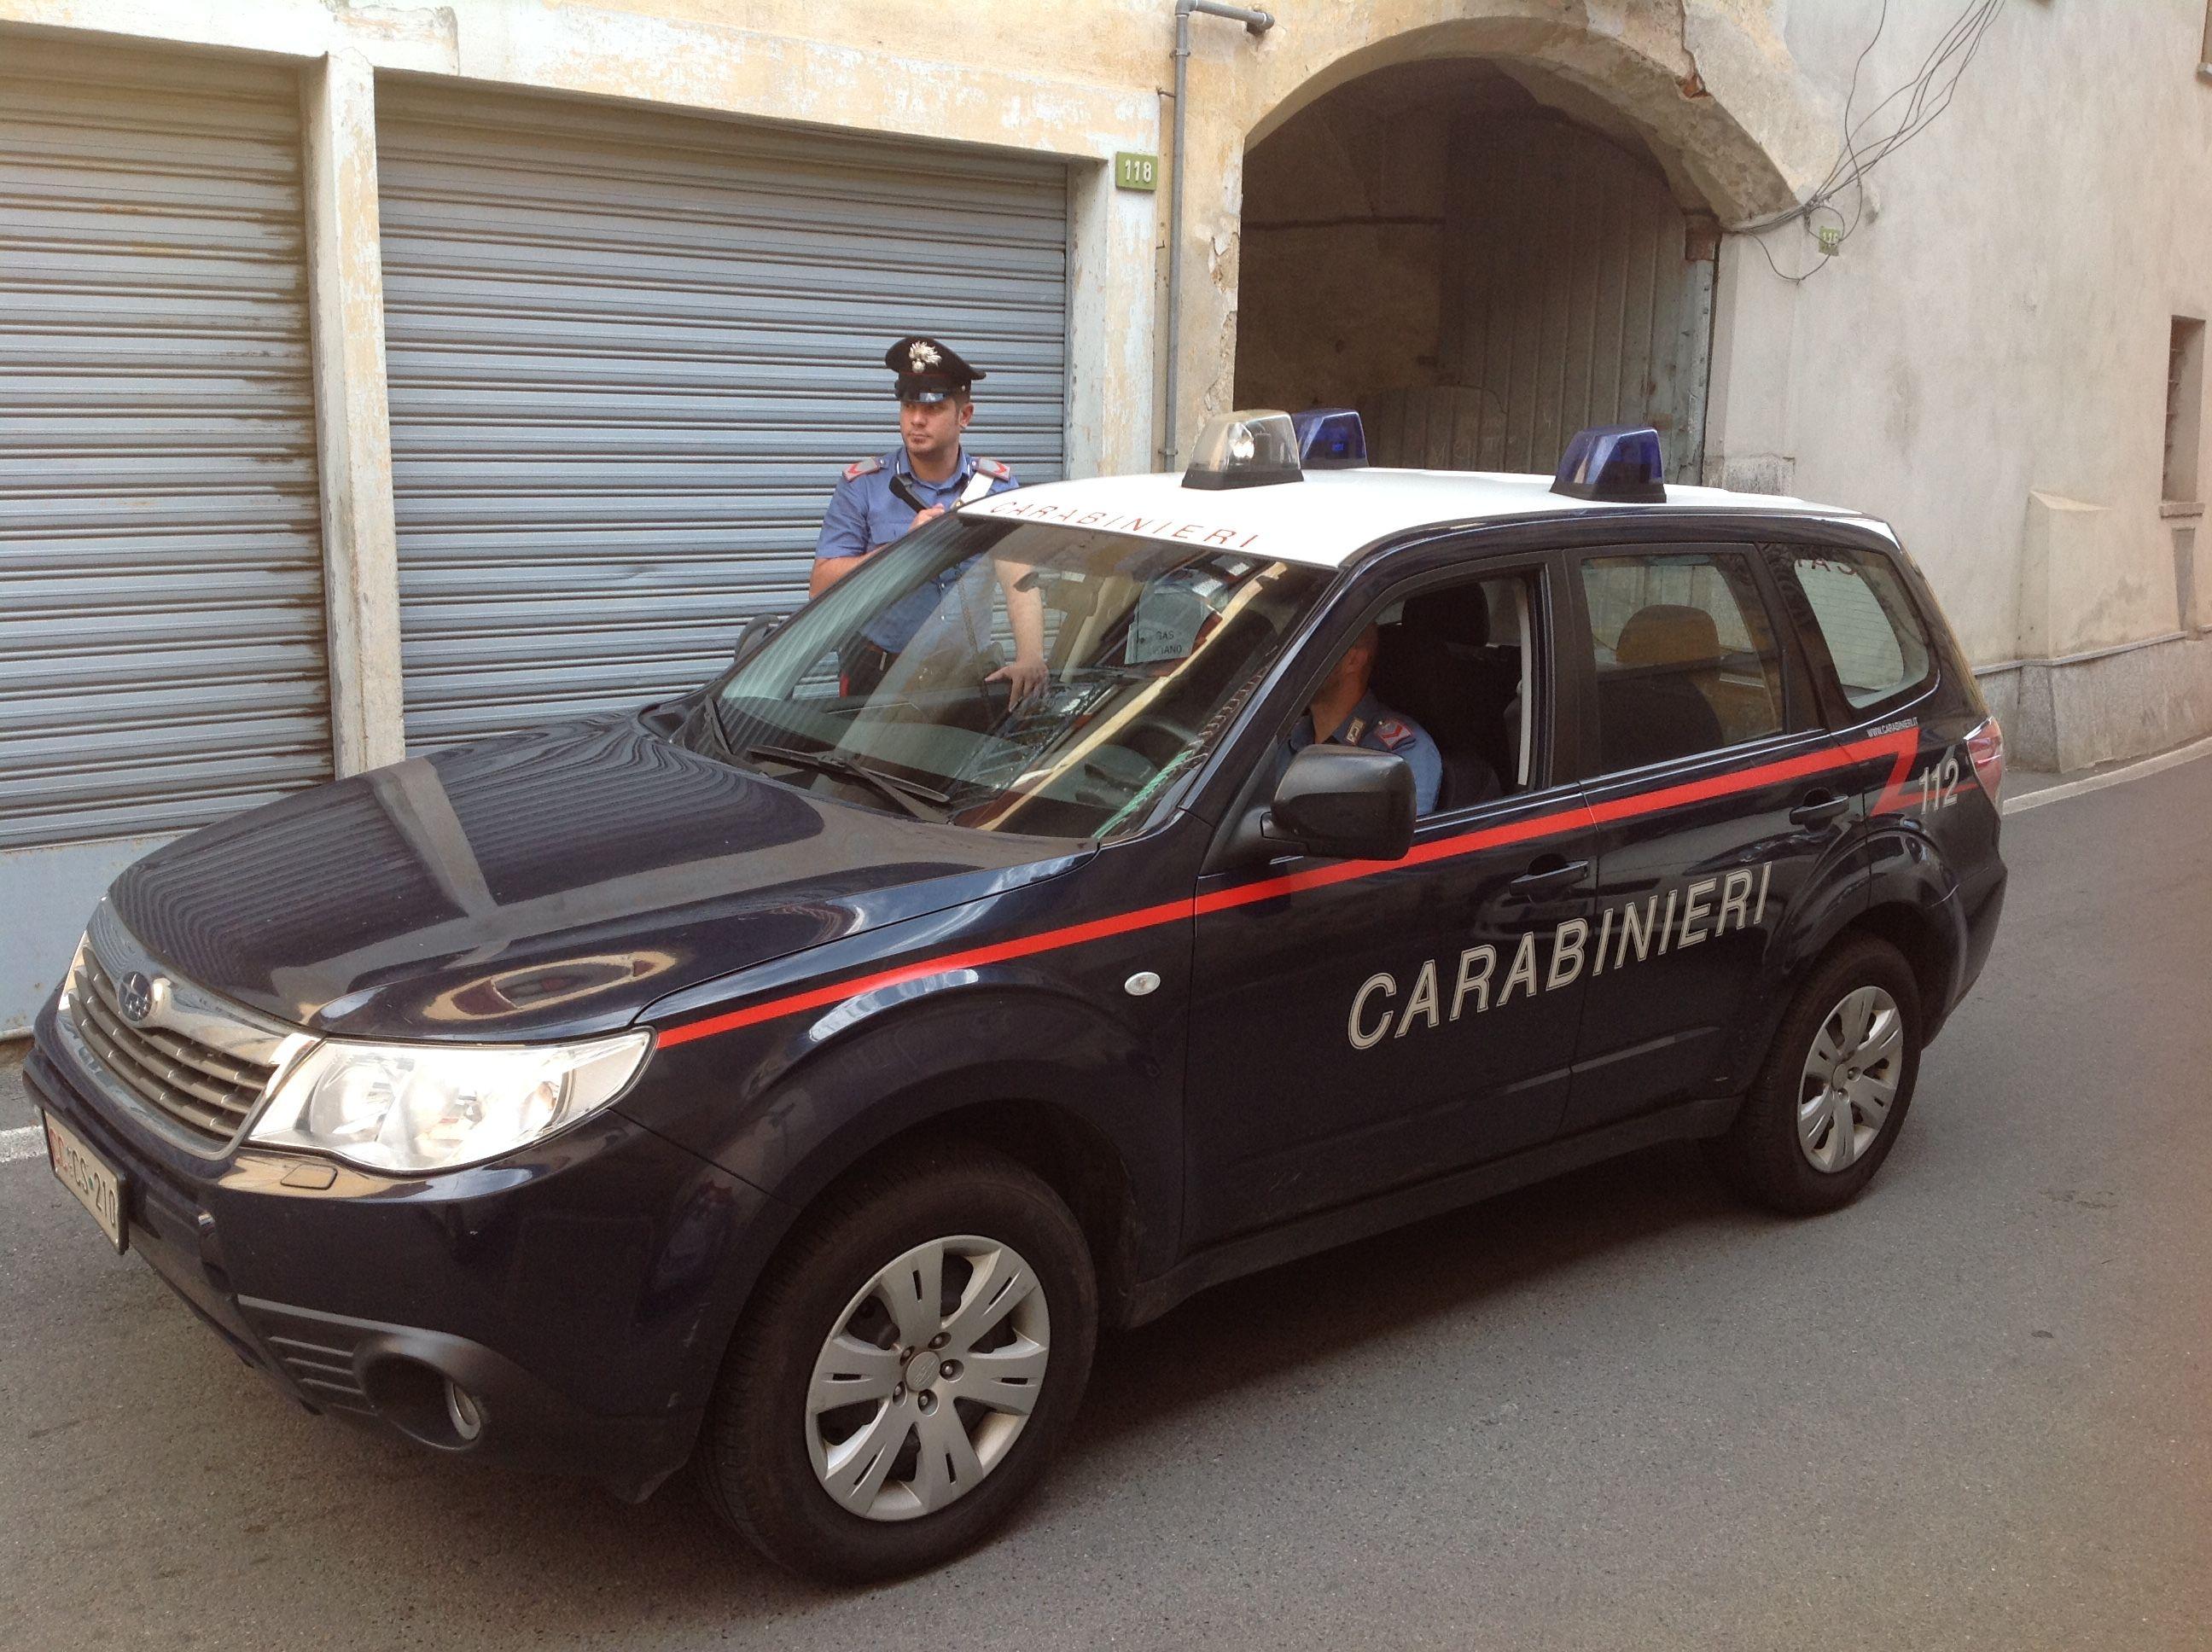 TENTATO OMICIDIO A VOLPIANO - 43enne di Ivrea arrestato dai carabinieri dopo le forchettate al collega autotrasportatore